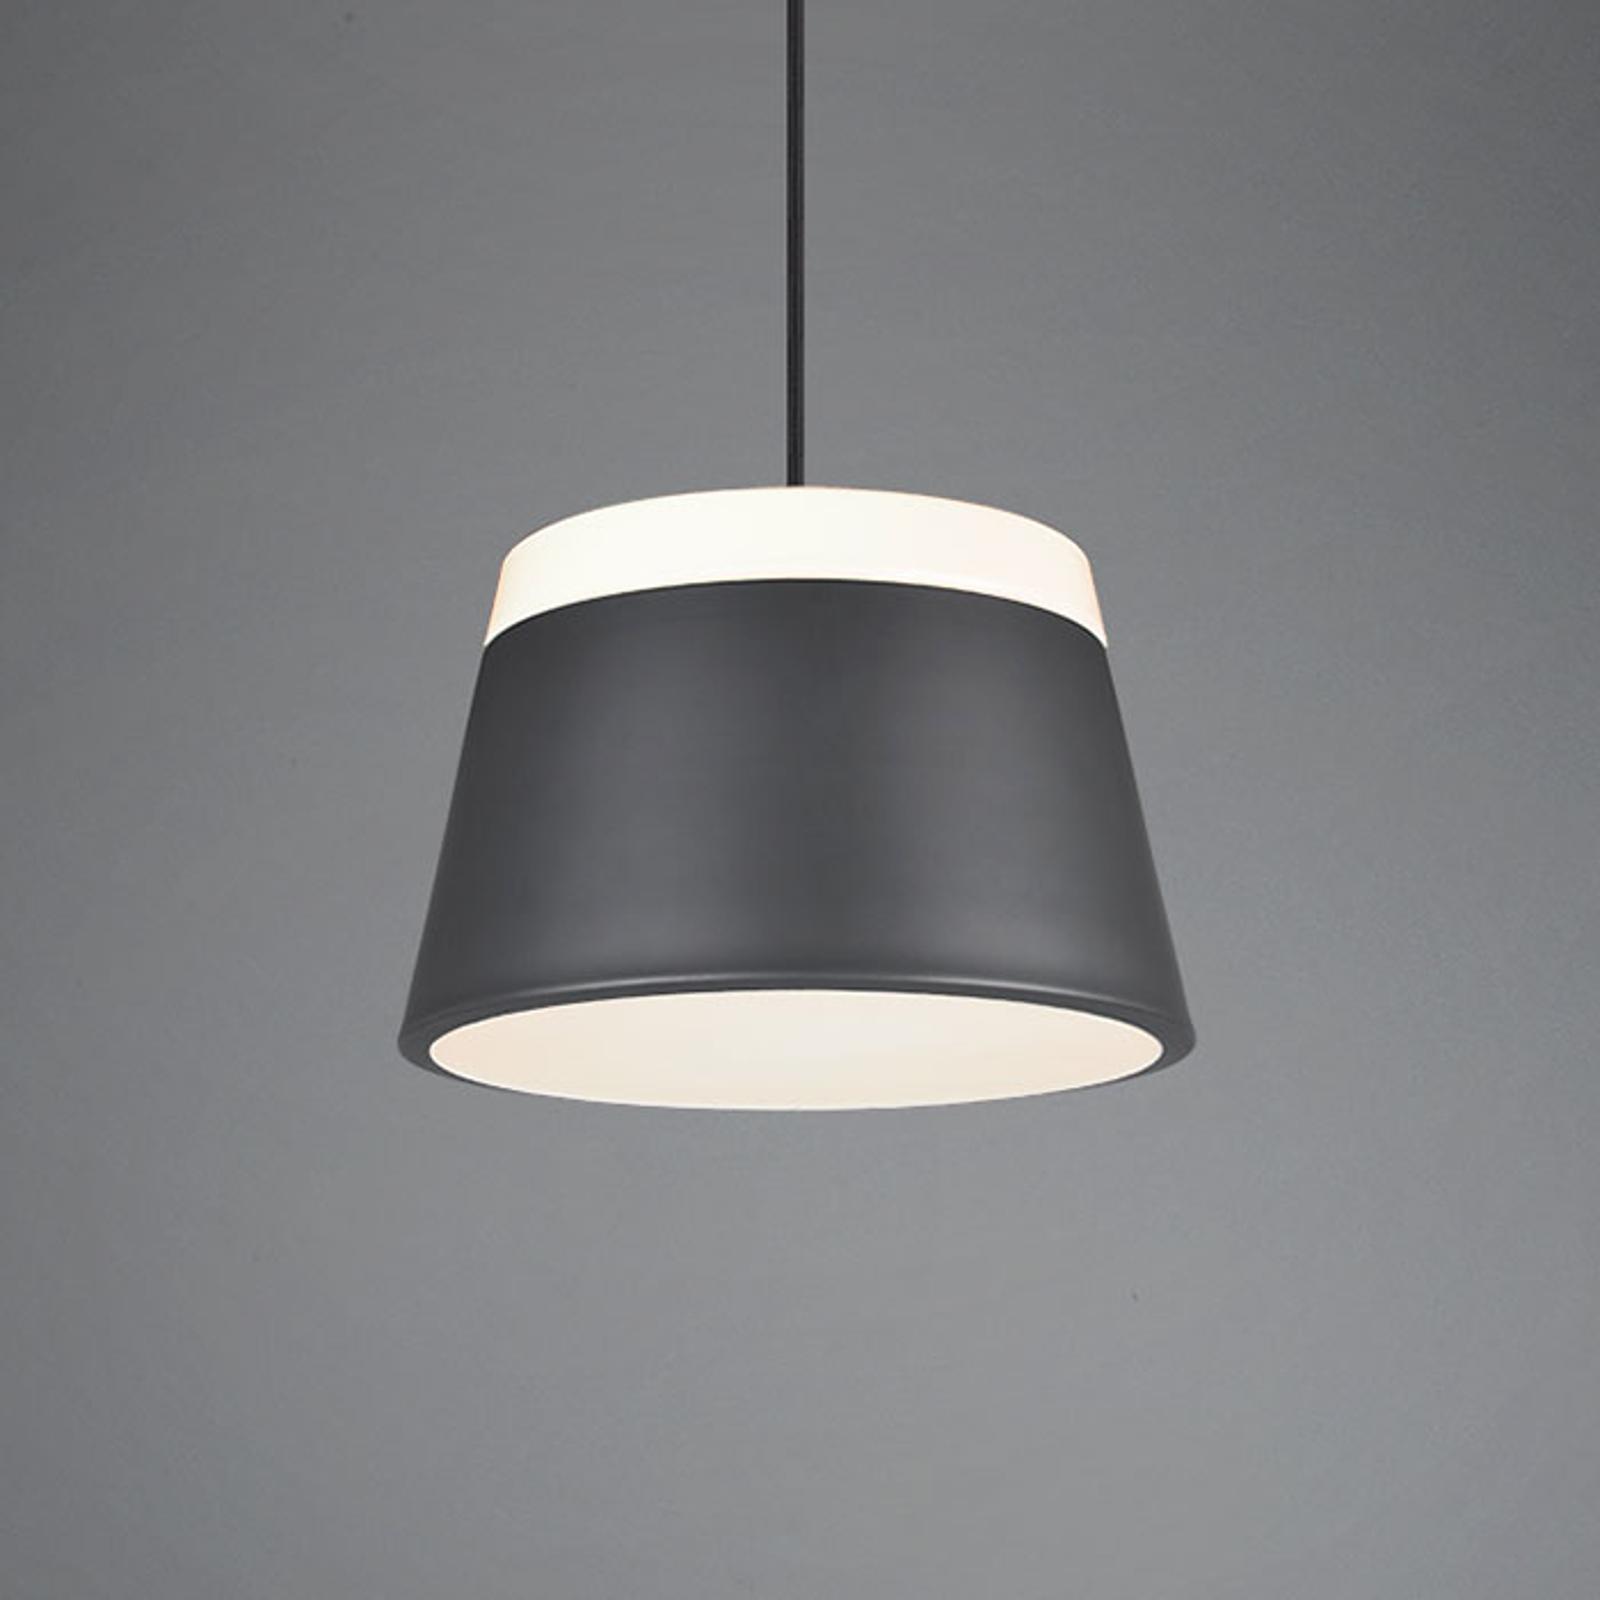 Lampa wisząca Baroness Ø 25 cm, antracyt